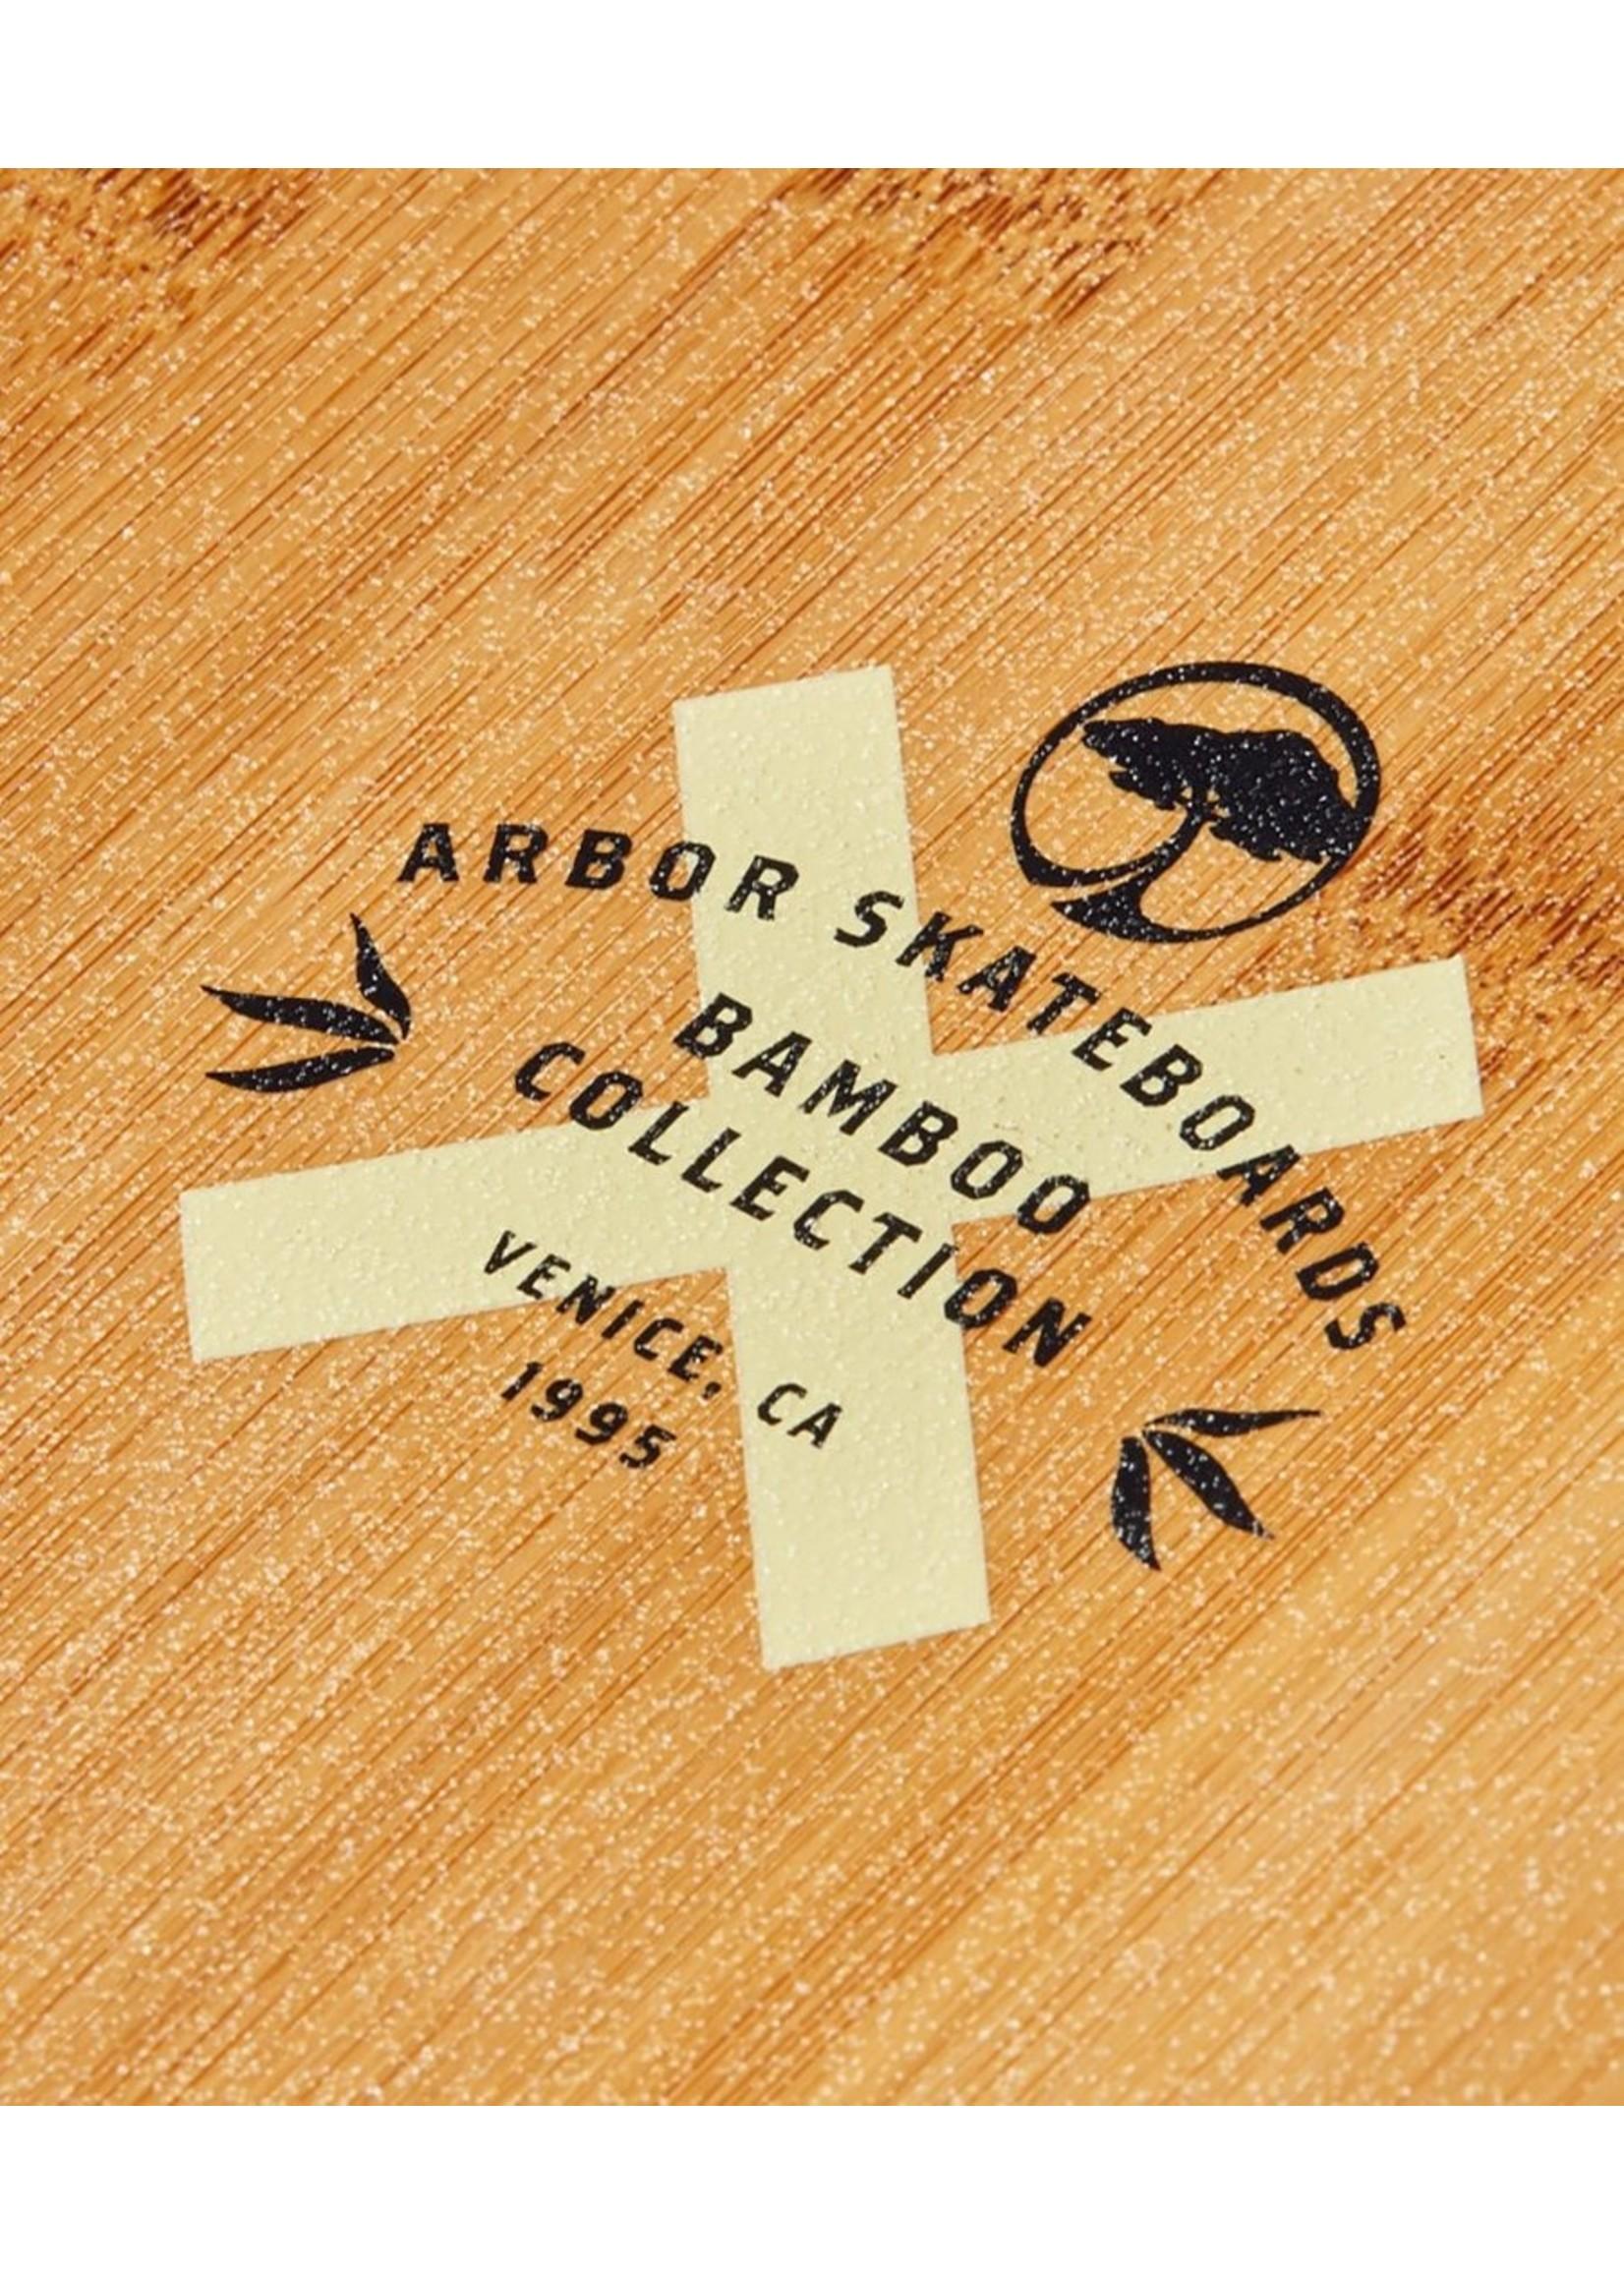 Arbor BAMBOO ZEPPELIN 32in